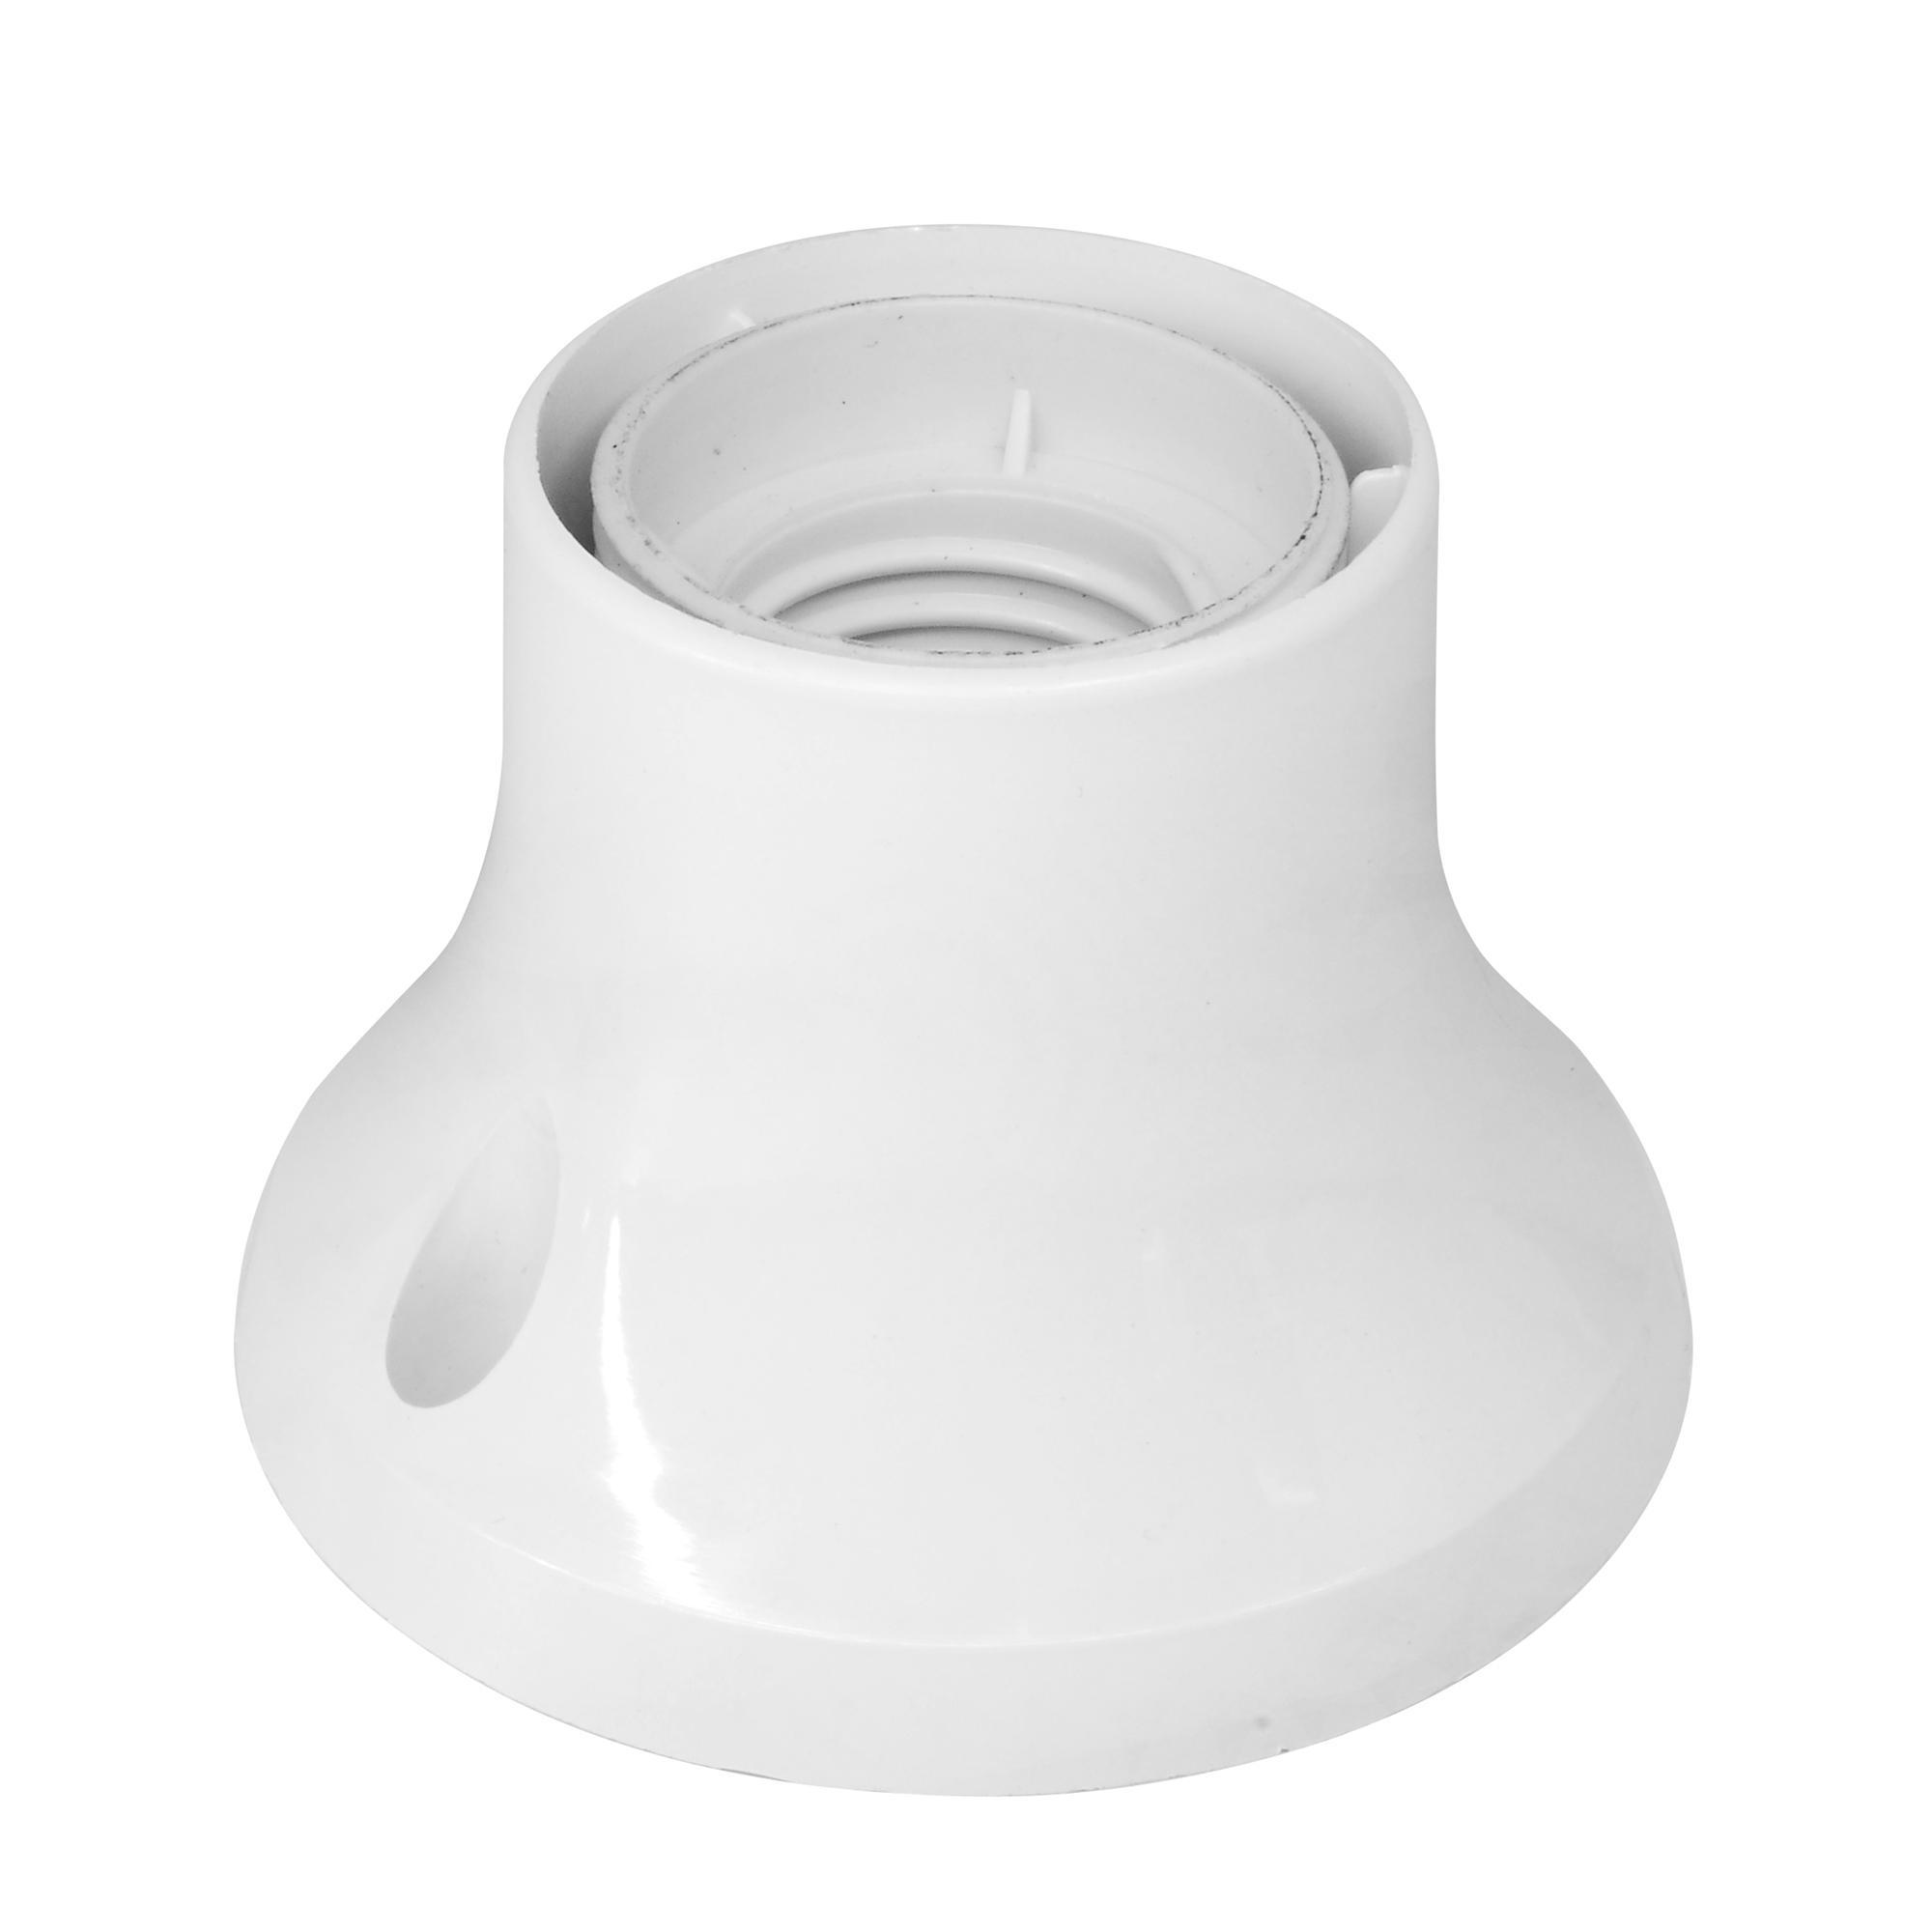 Screwfix Light Bulbs: e27 lamp holder screwfix,Lighting